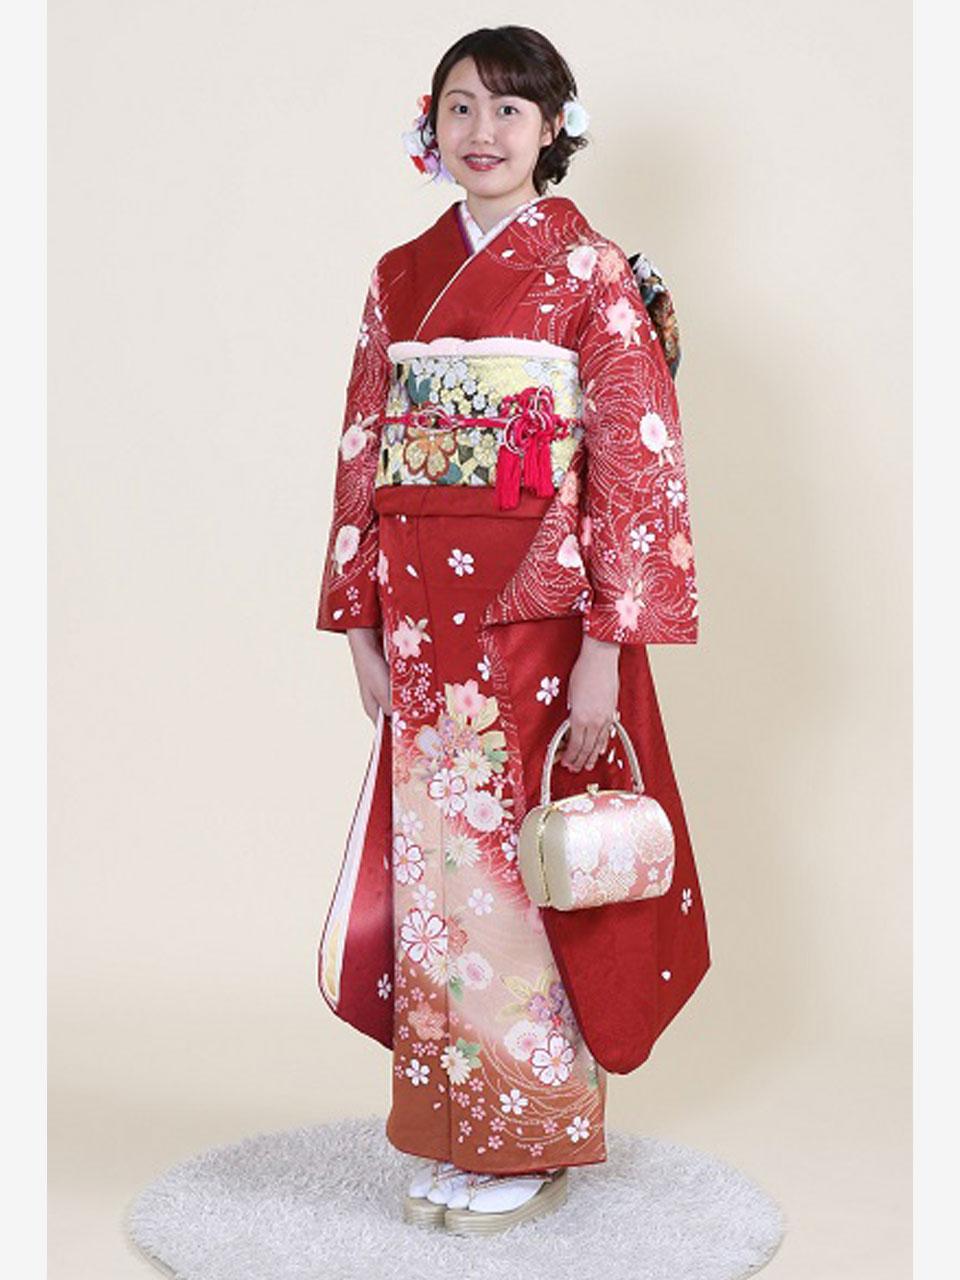 振袖(赤地桜と菊)